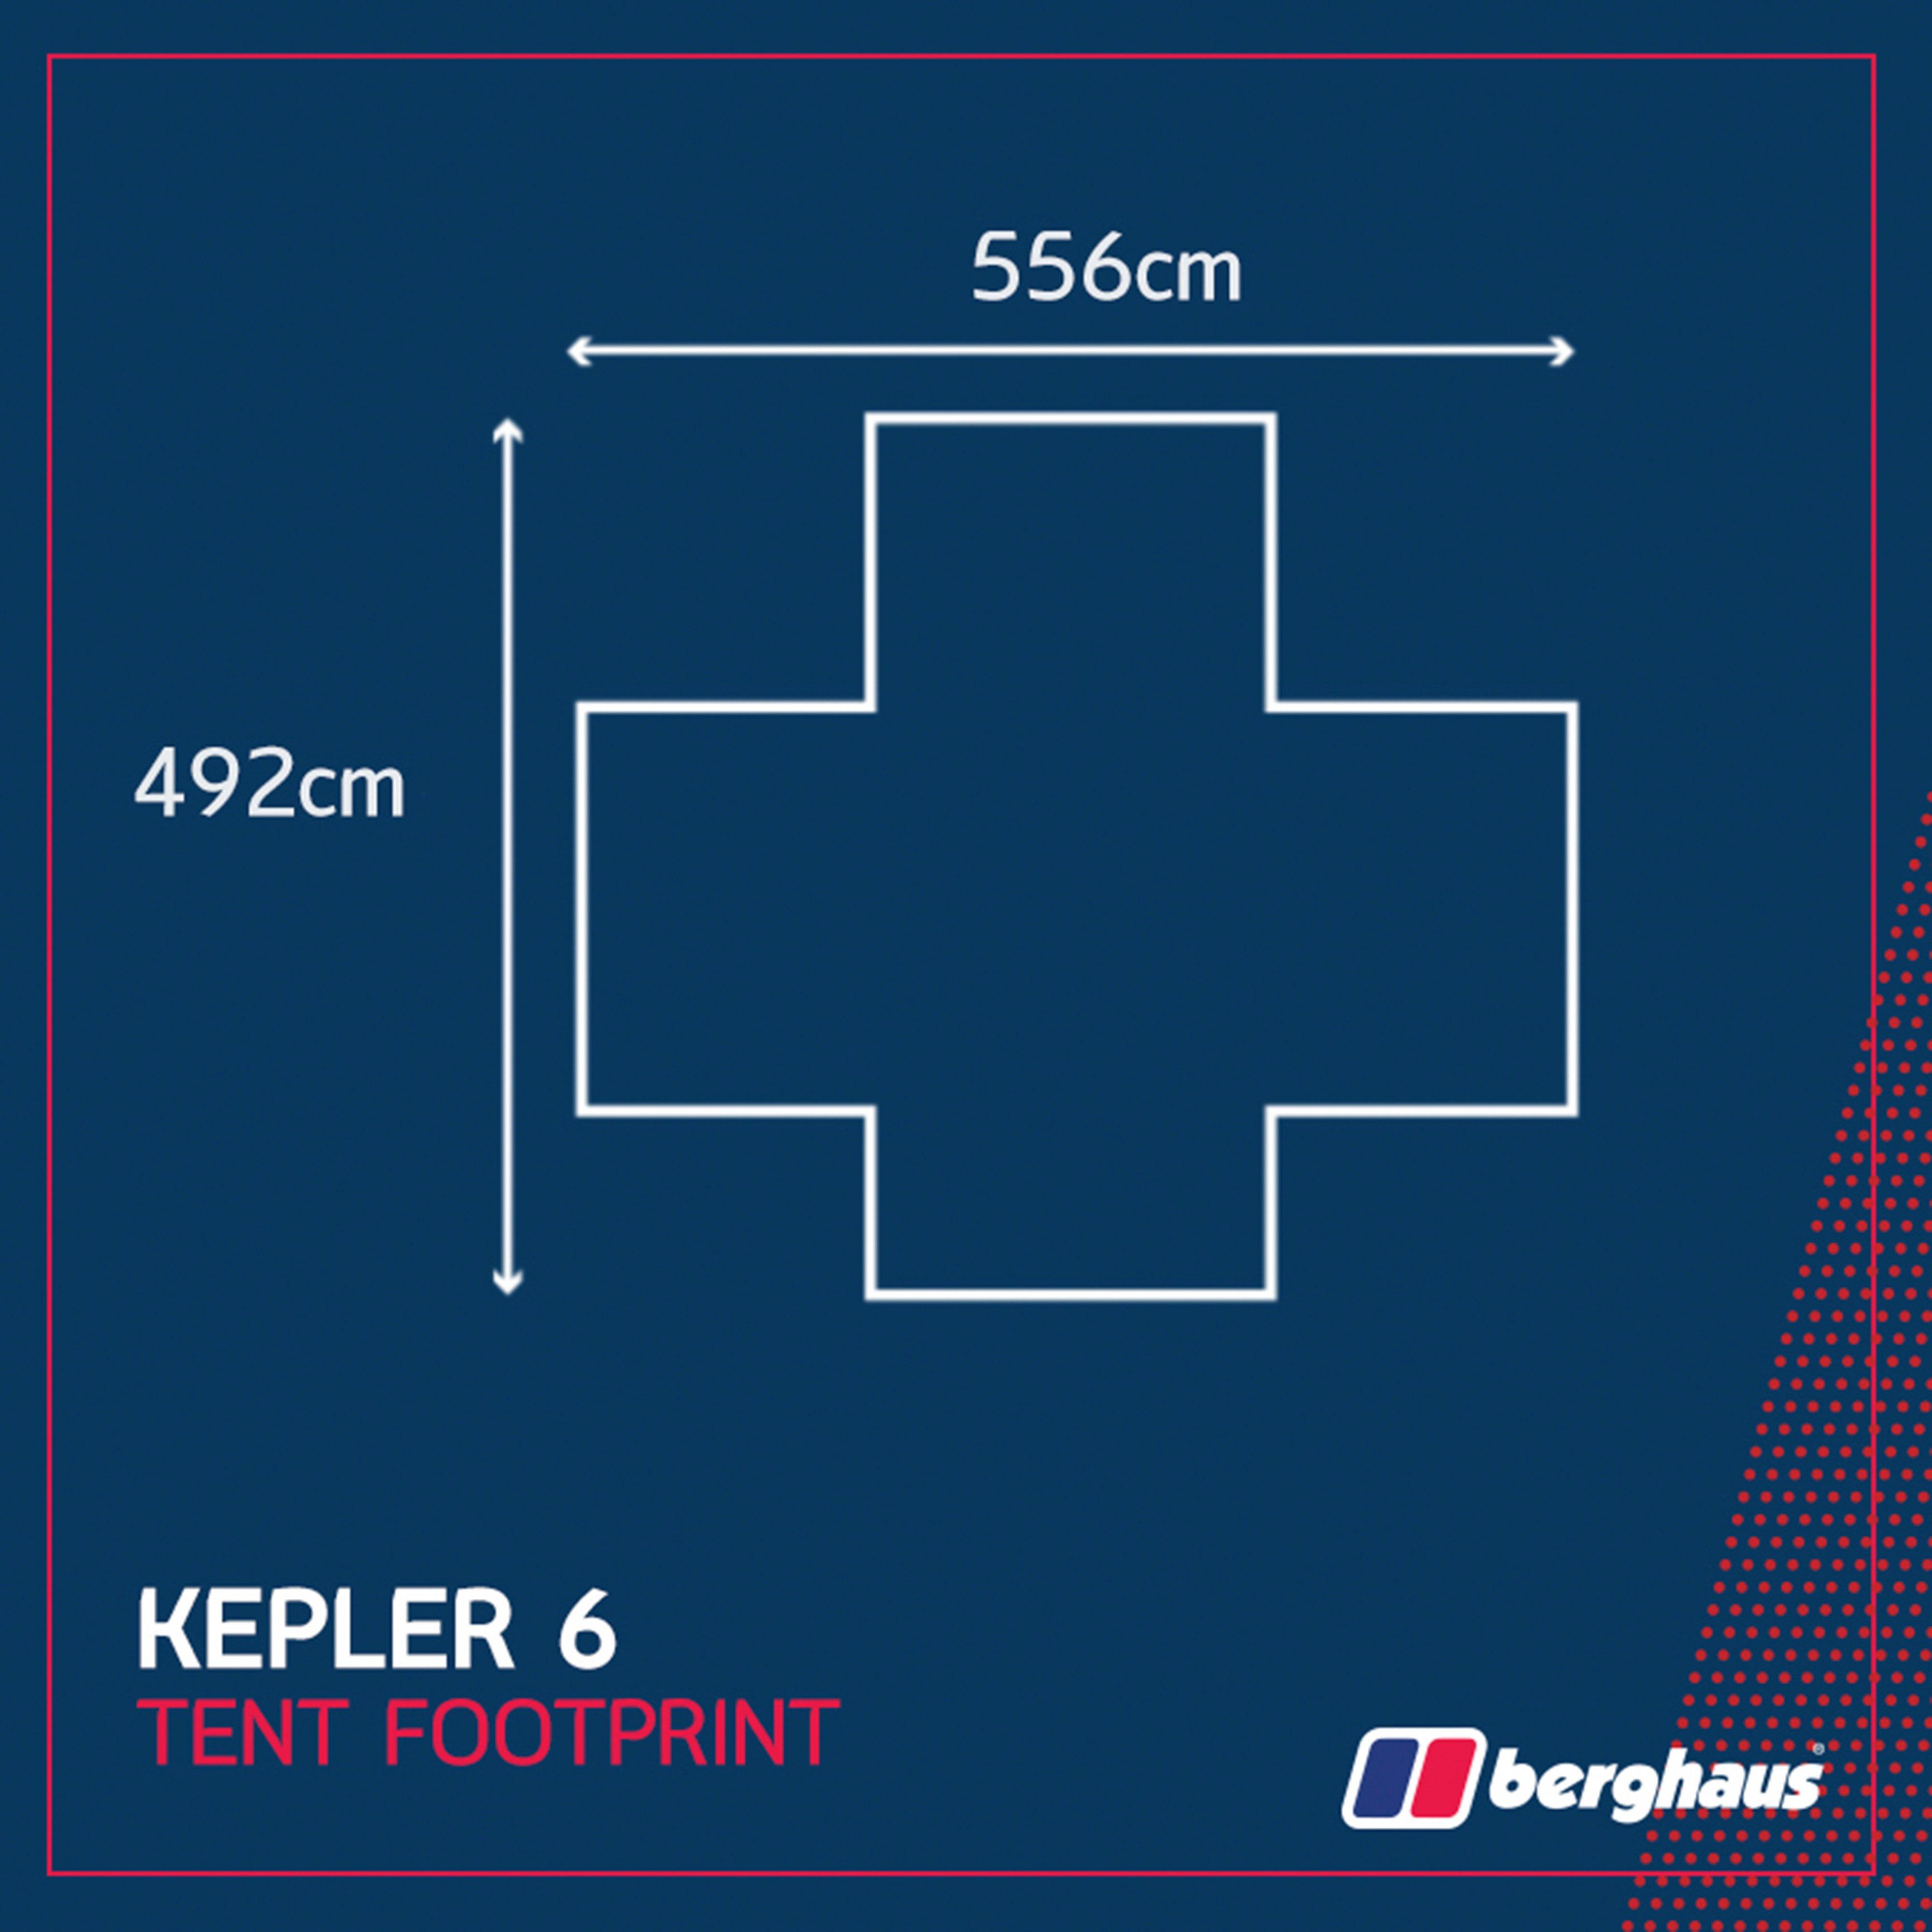 Berghaus Kepler 6 Tent Footprint